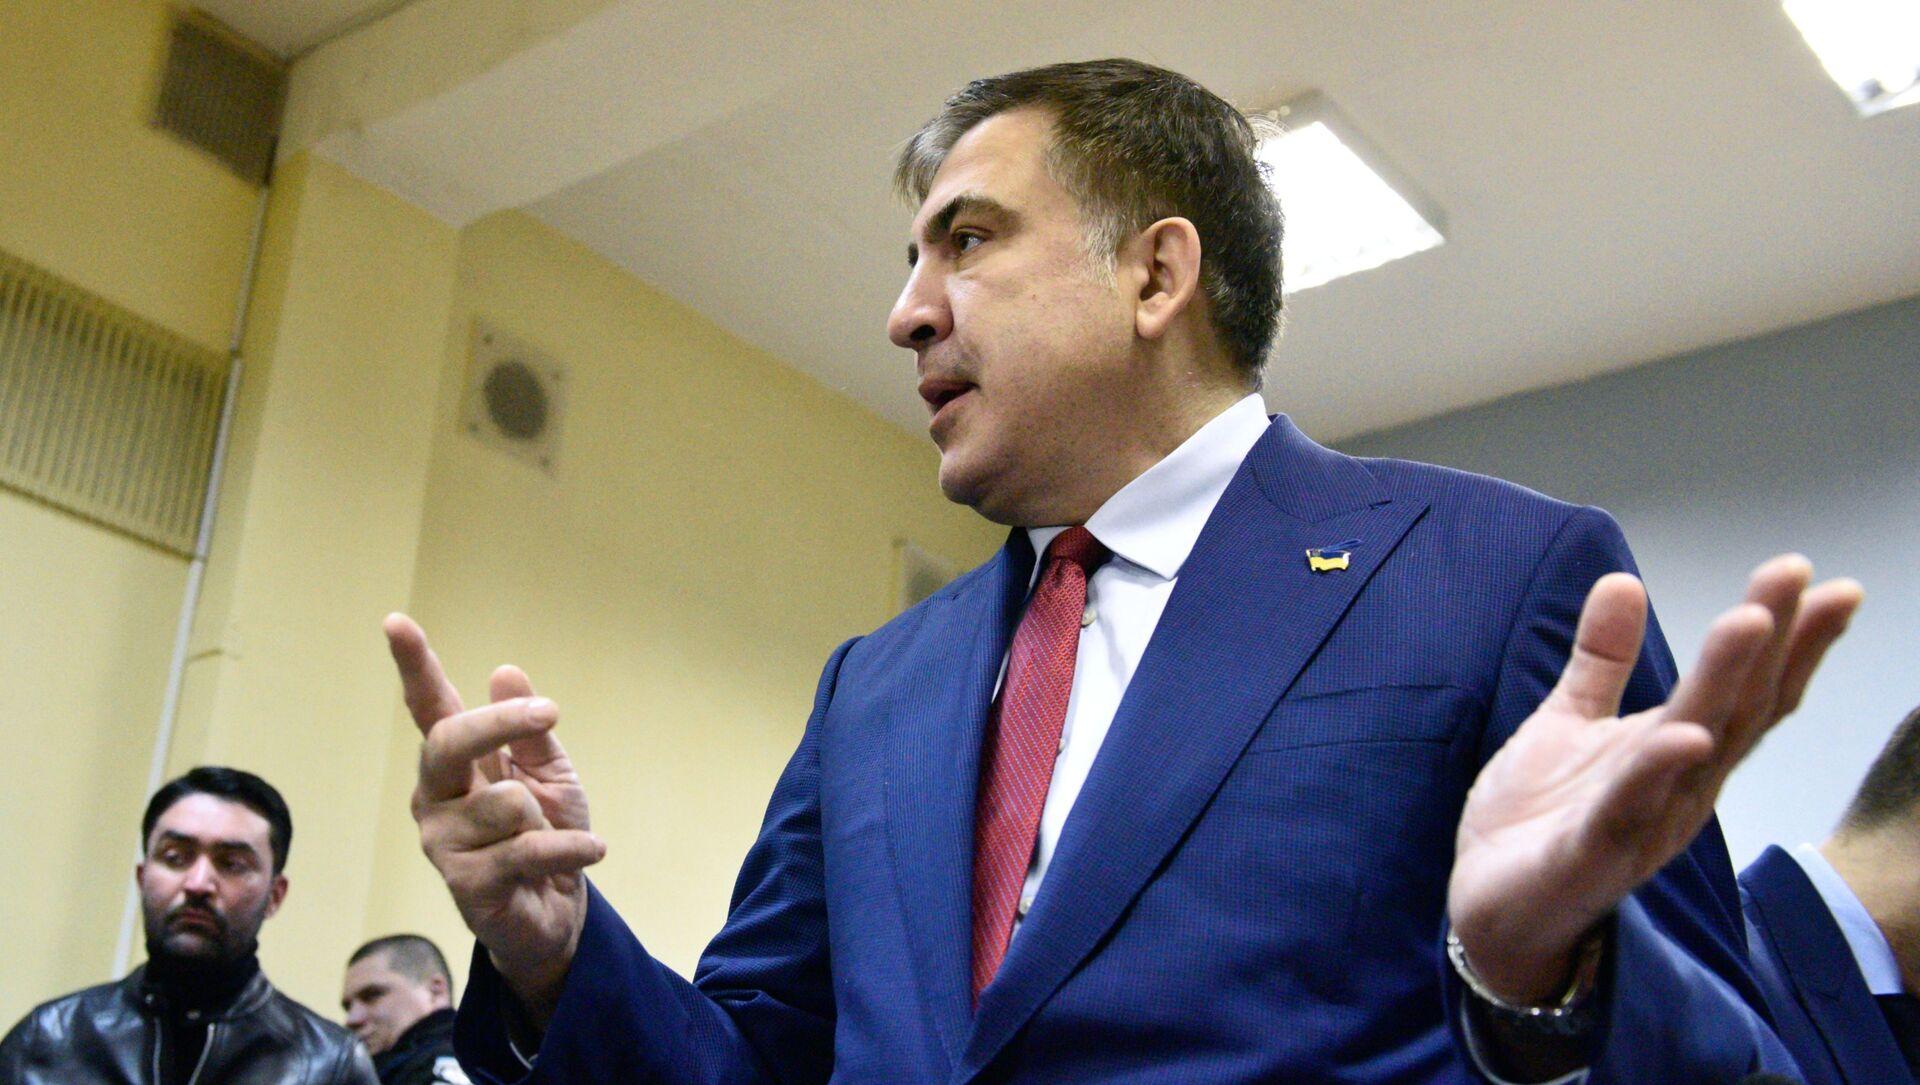 Бывший губернатор Одесской области Украины Михаил Саакашвили - Sputnik Южная Осетия, 1920, 02.10.2021